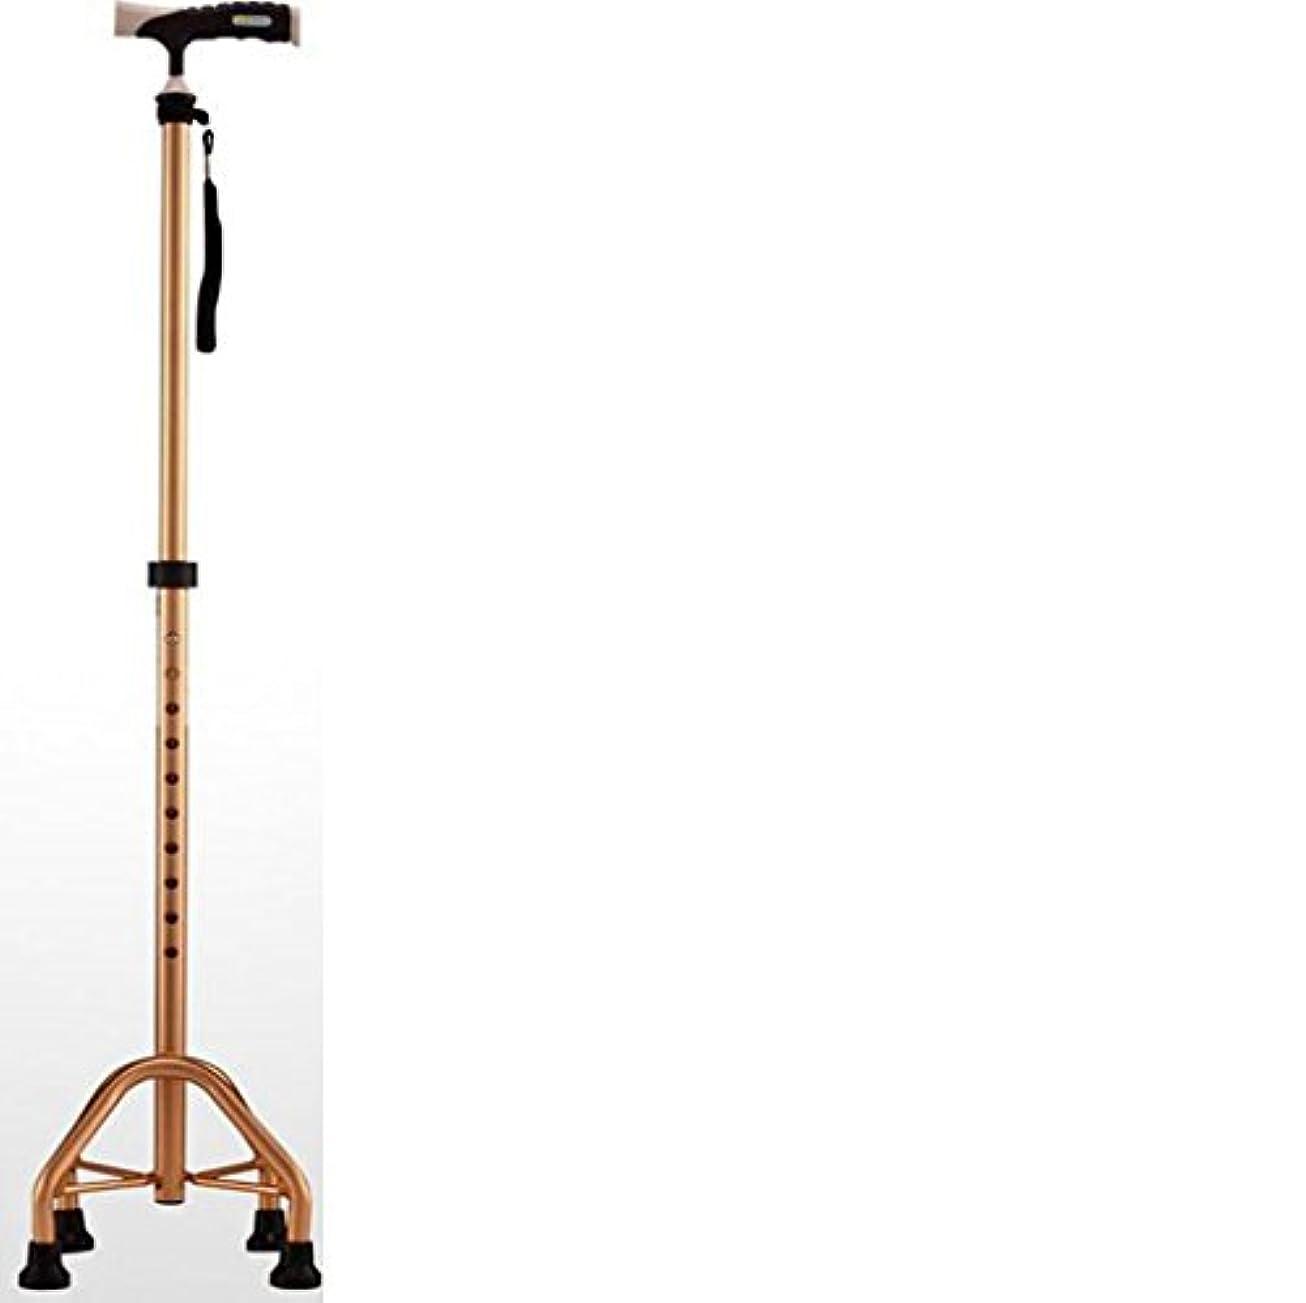 指令迅速充実調整可能な四角い杖 - 男性と女性のための軽量ケーン - 伸縮自在のケーンオールドウォーカー(金の曇り)